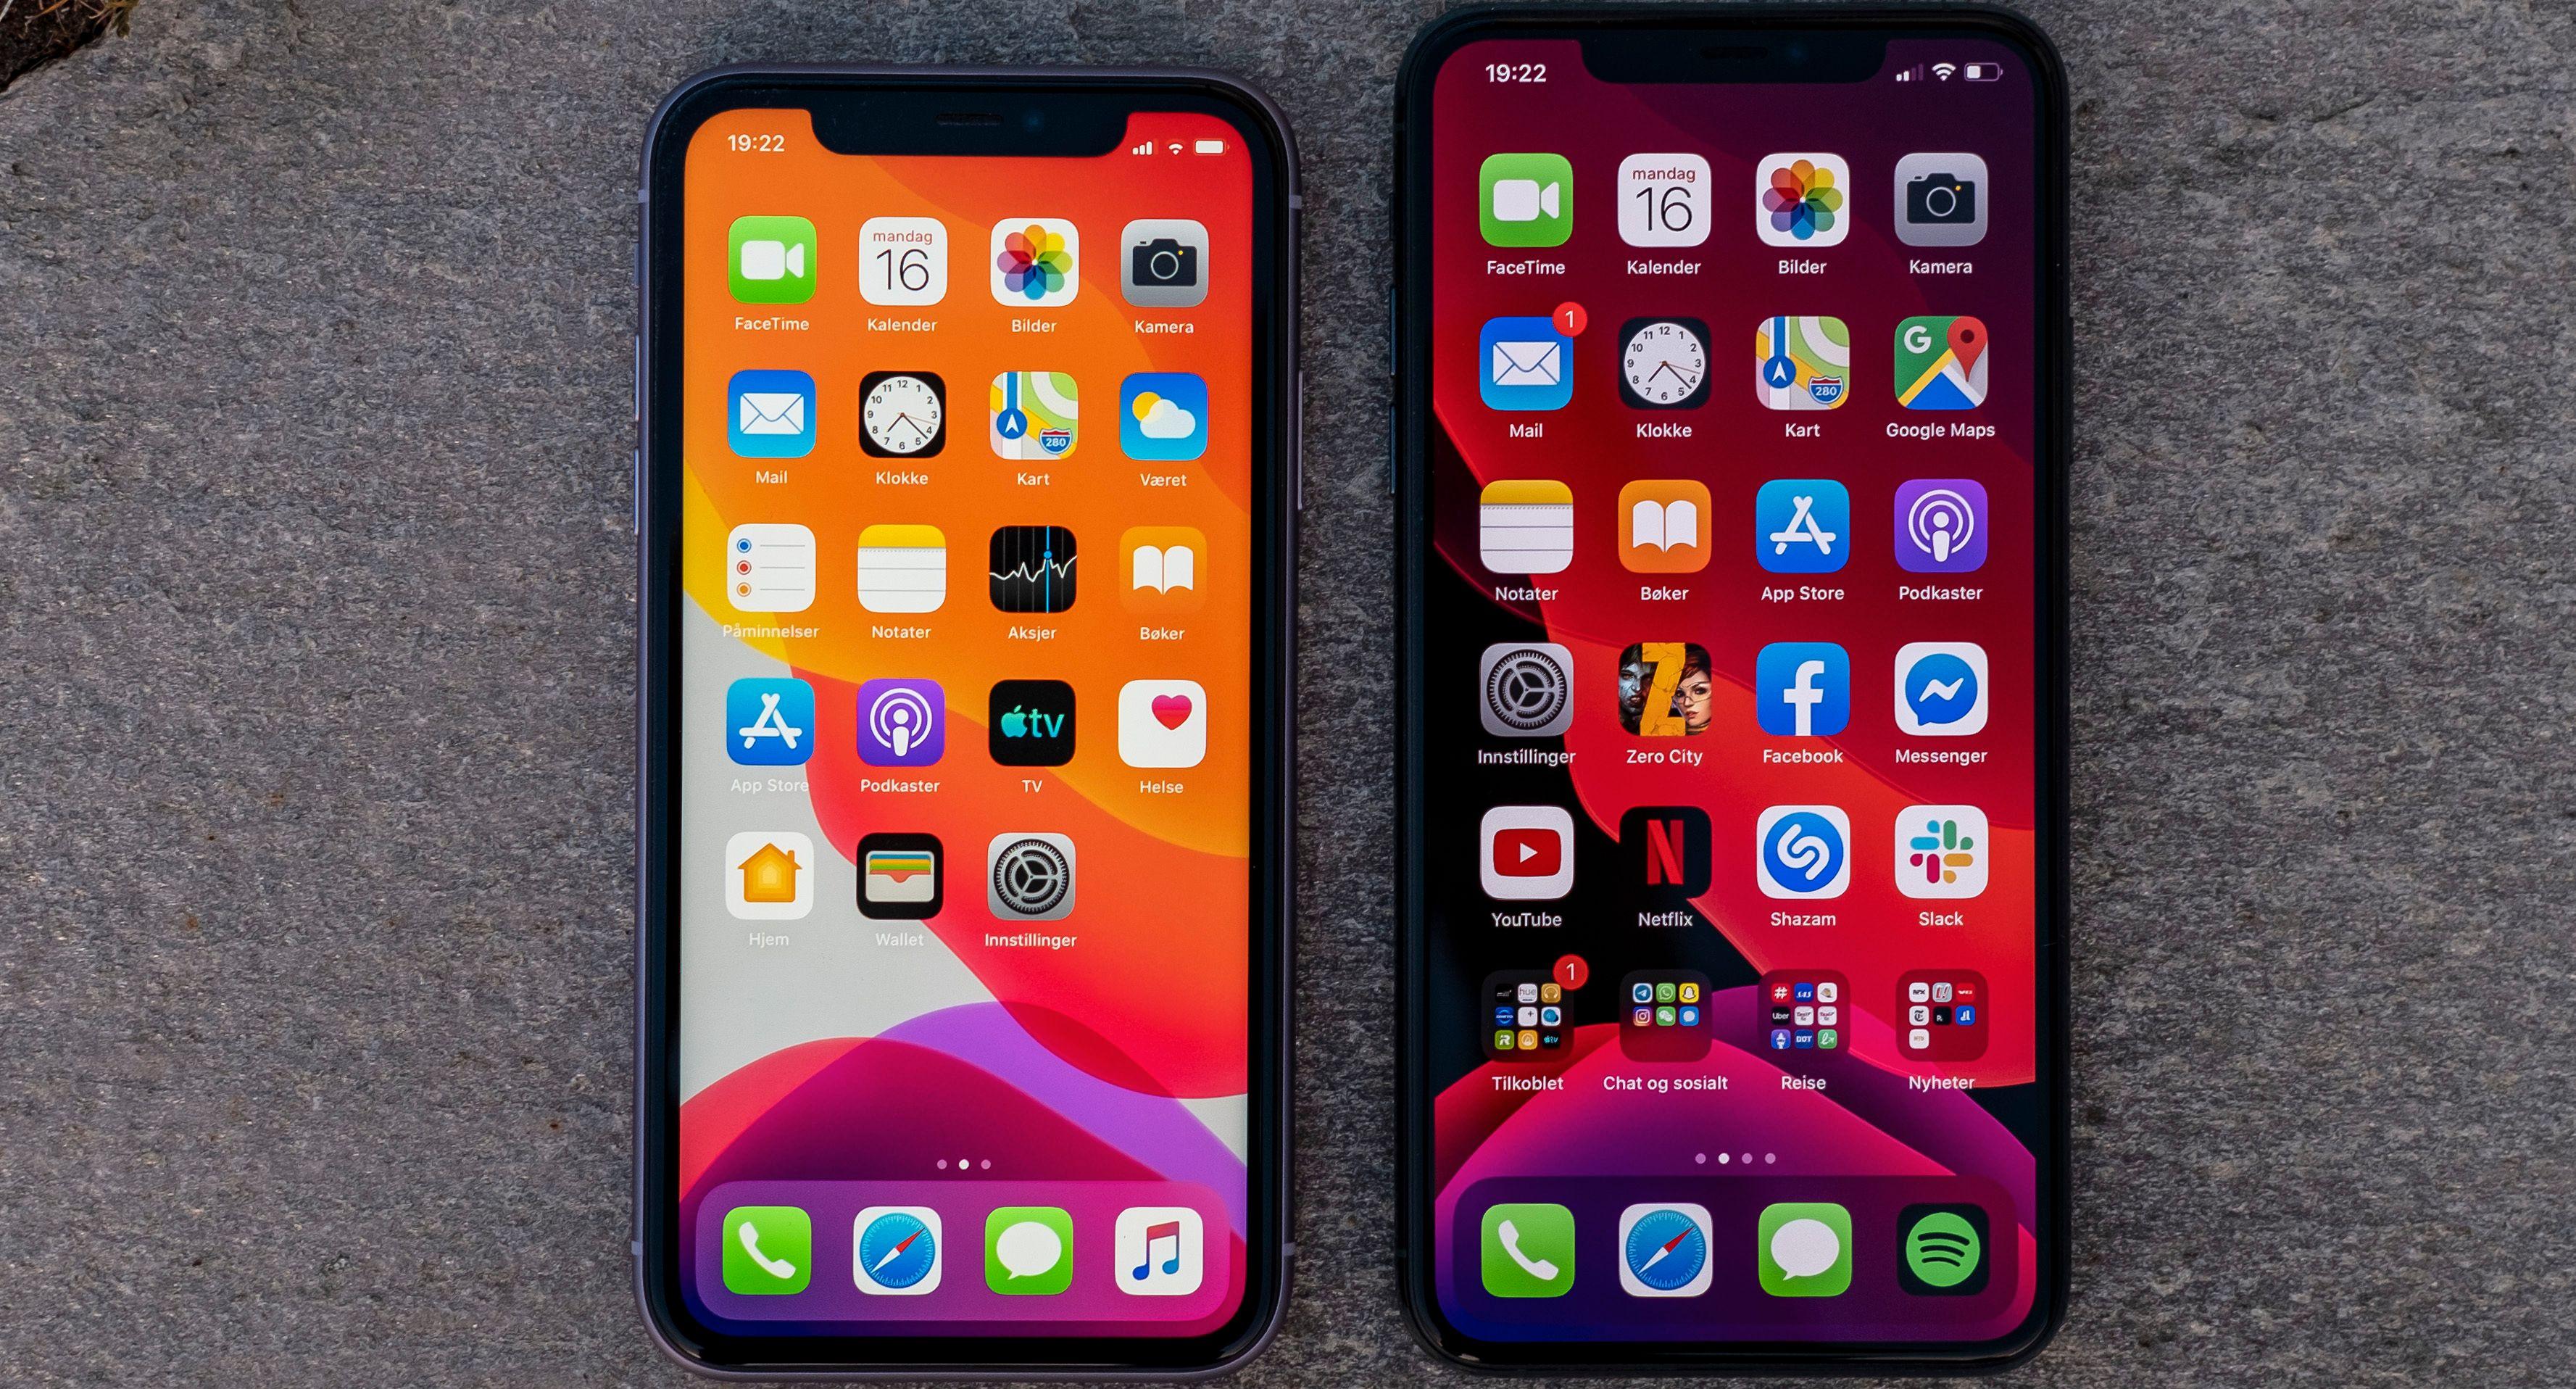 iPhone 11, til venstre, har også meget god lyd, men den har vesentlig svakere spesifisert skjerm, med under full-HD-oppløsning og et LCD-panel som slipper gjennom mye mindre lys enn det Pro-modellenes AMOLED-skjermer kan gi fra seg.